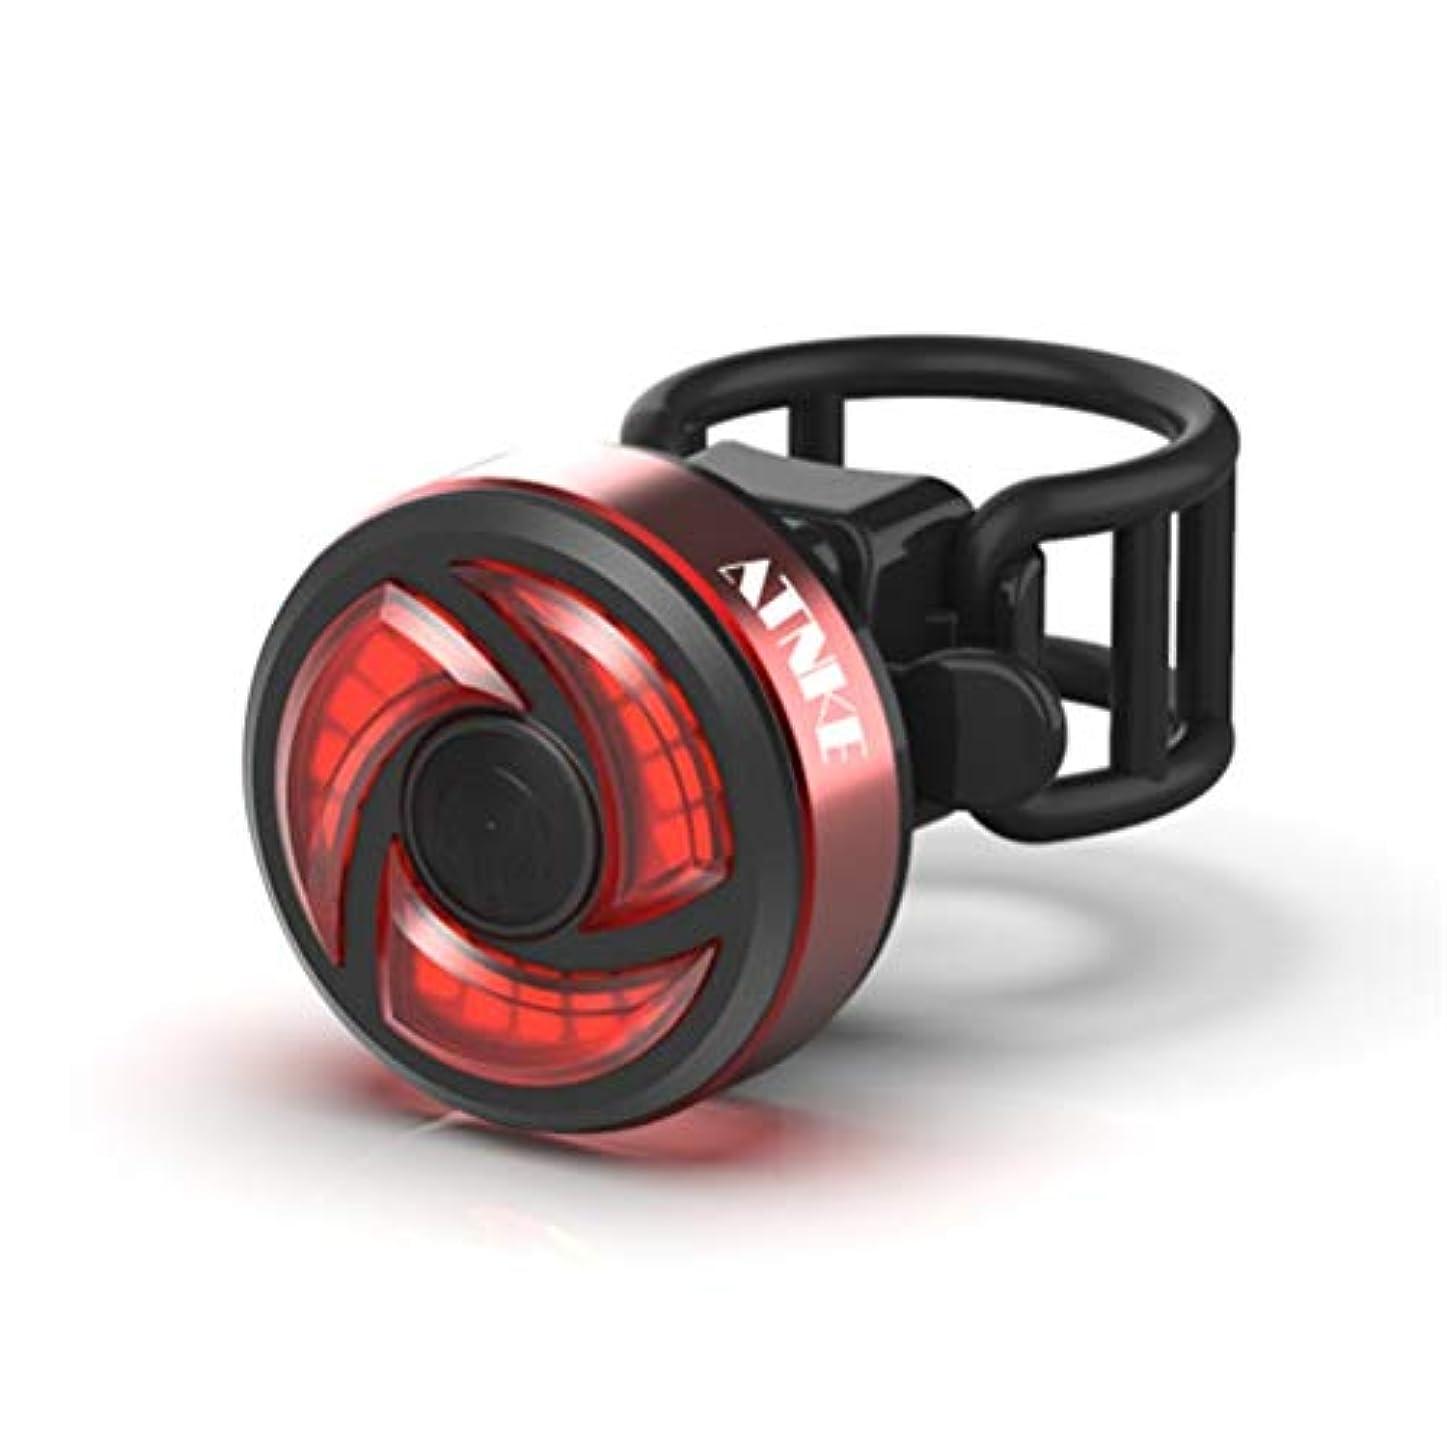 はぁ恋人恐ろしいATNKE テールライト USB充電式 インテリジェントインダクションブレーキライト 自動点灯·消灯機能付き 最大4.5時間持続点灯 LEDライト軽量 高輝度 100ルーメン IPX8防水仕様 夜間視界が1000メートル以上夜間走行の視認性をアピール オートライト搭載自動点滅自転車リアライト